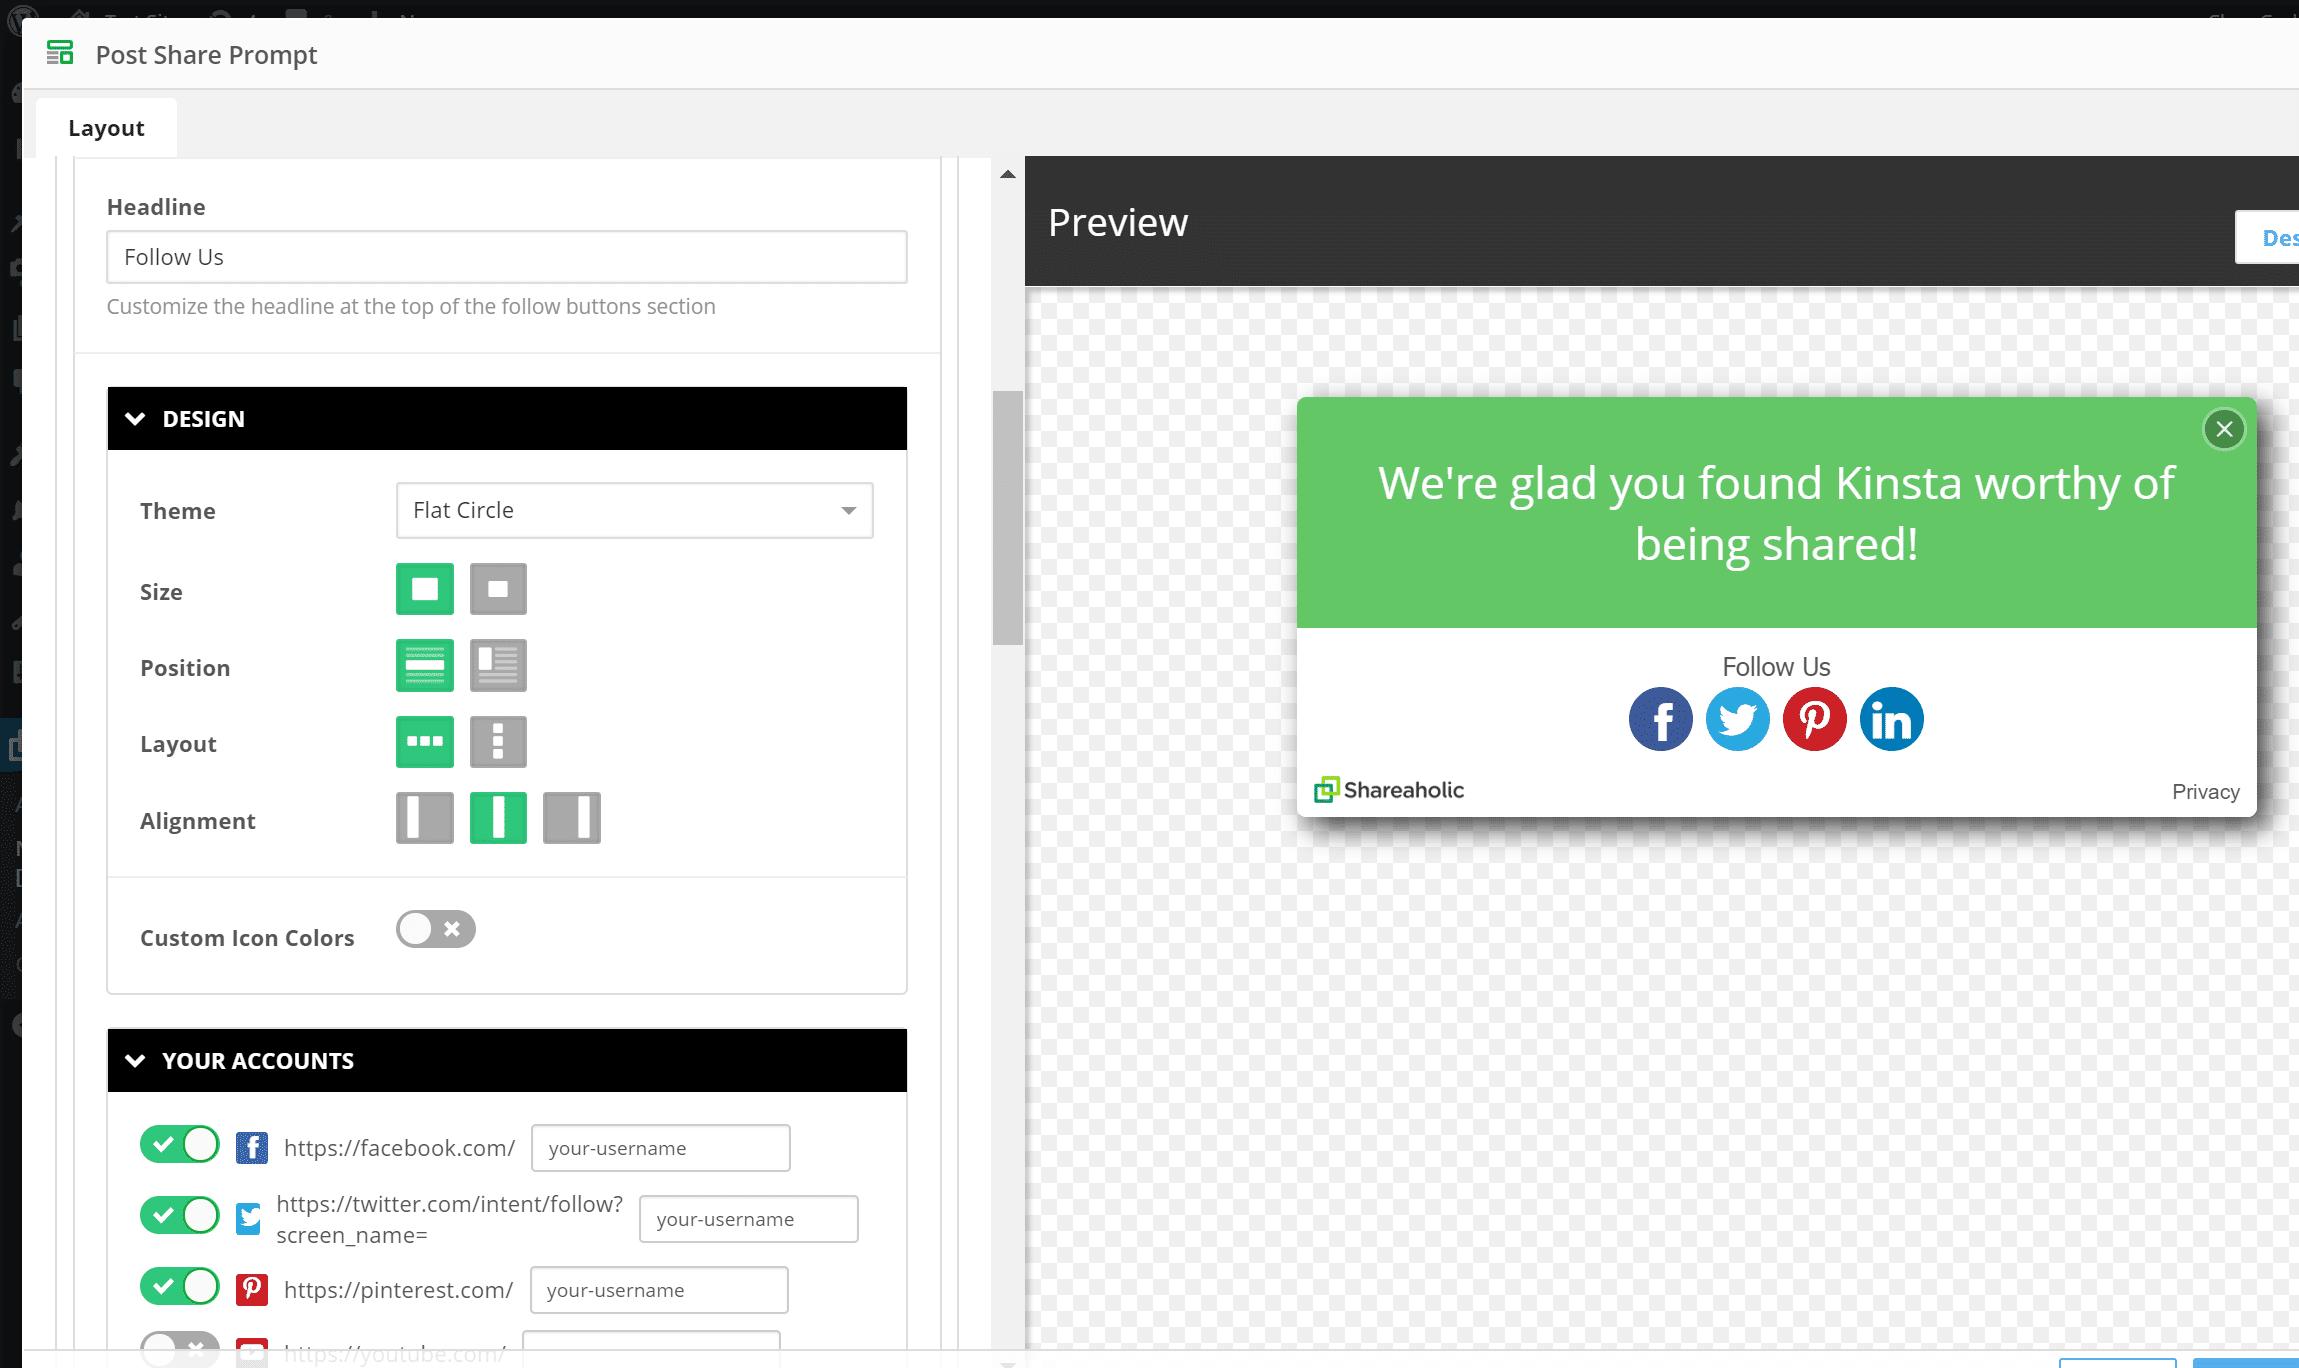 Como agregar botones para seguir al aviso después de compartir